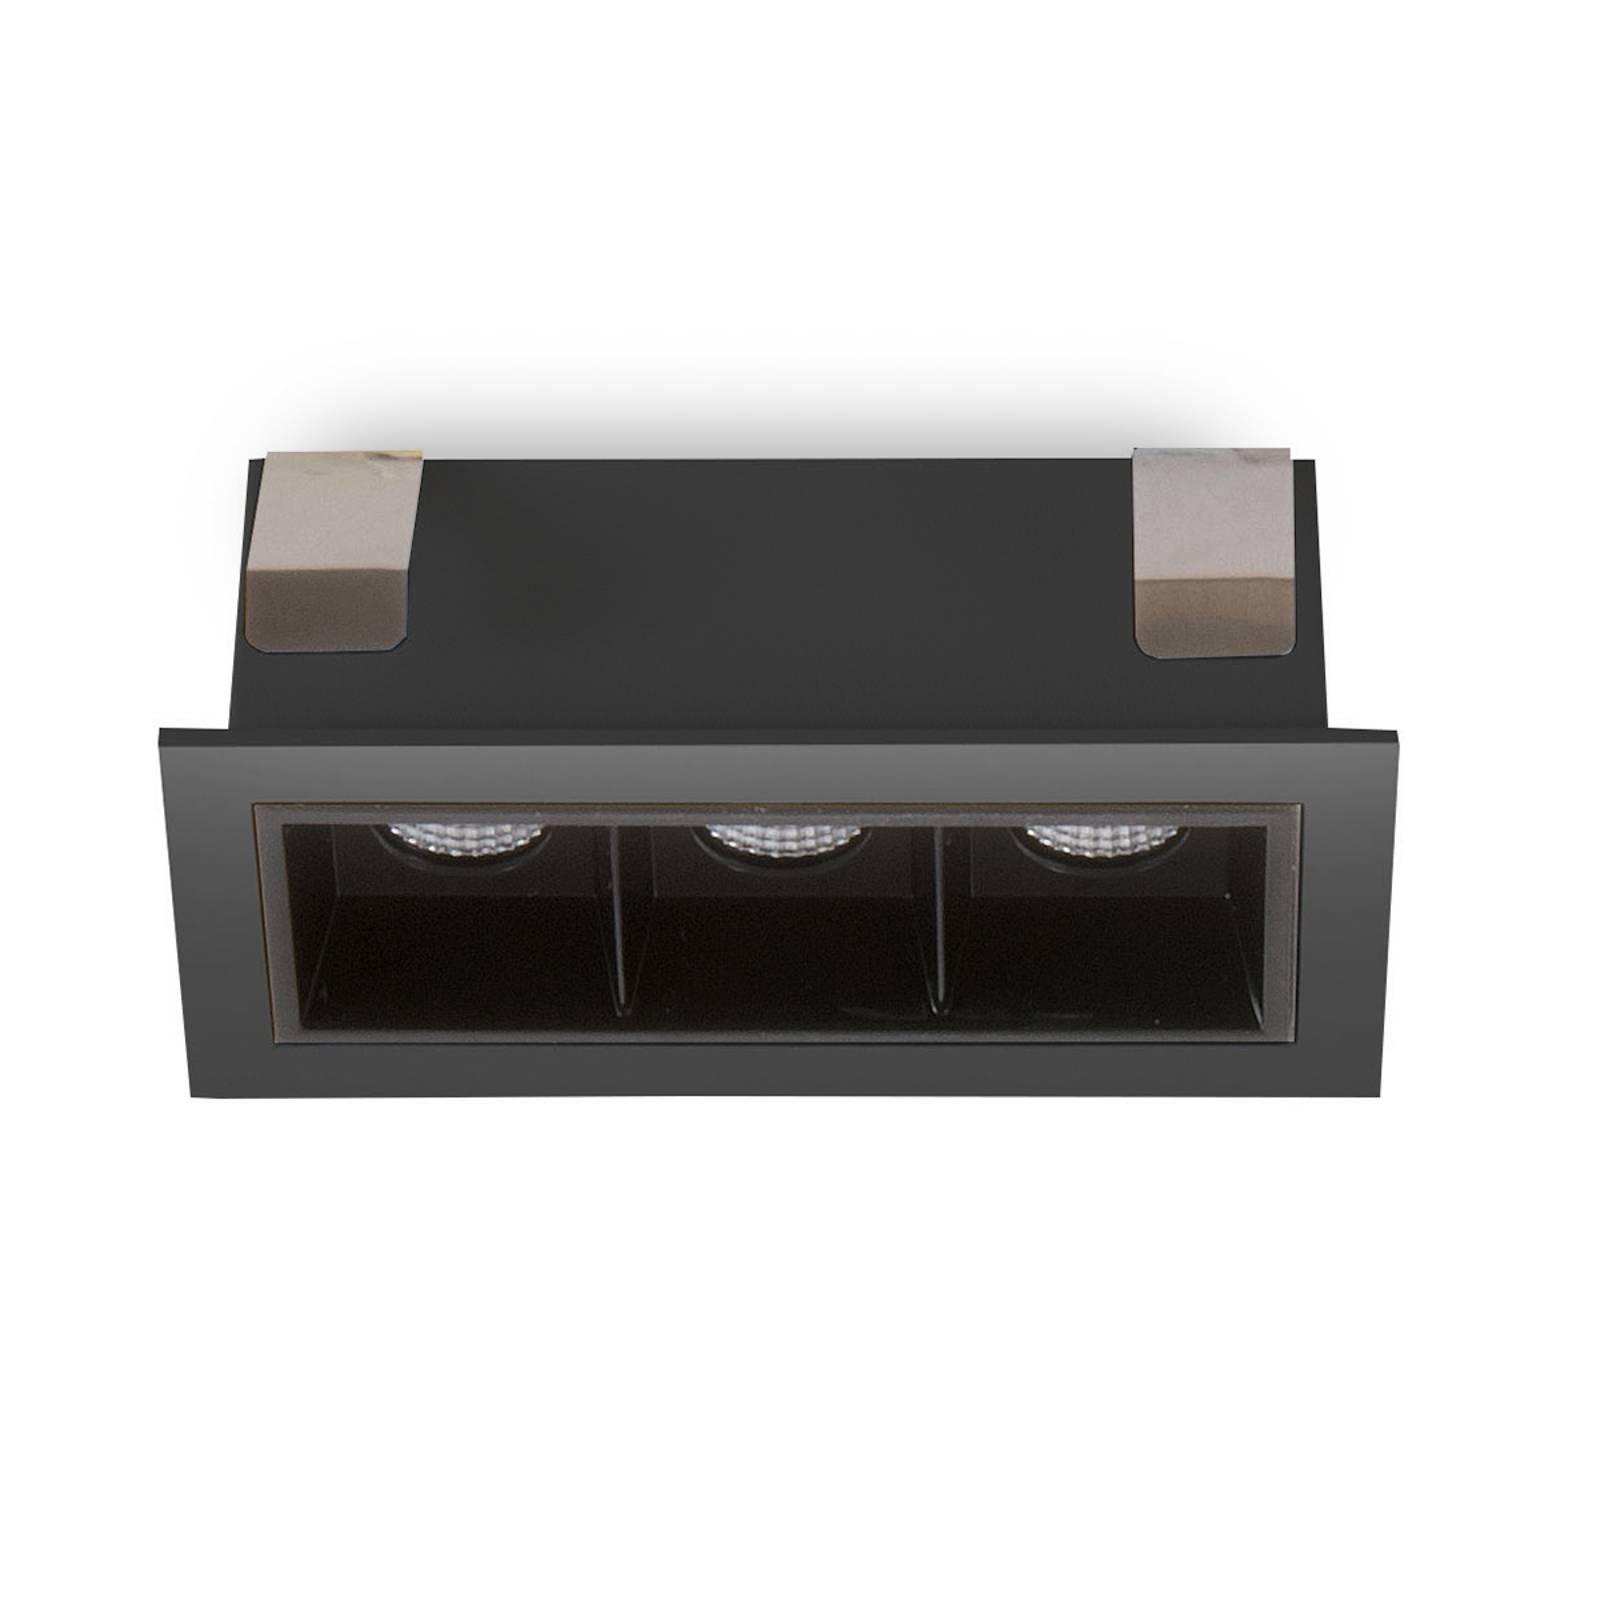 LED inbouwspot Sound 3 30° met frame, zwart